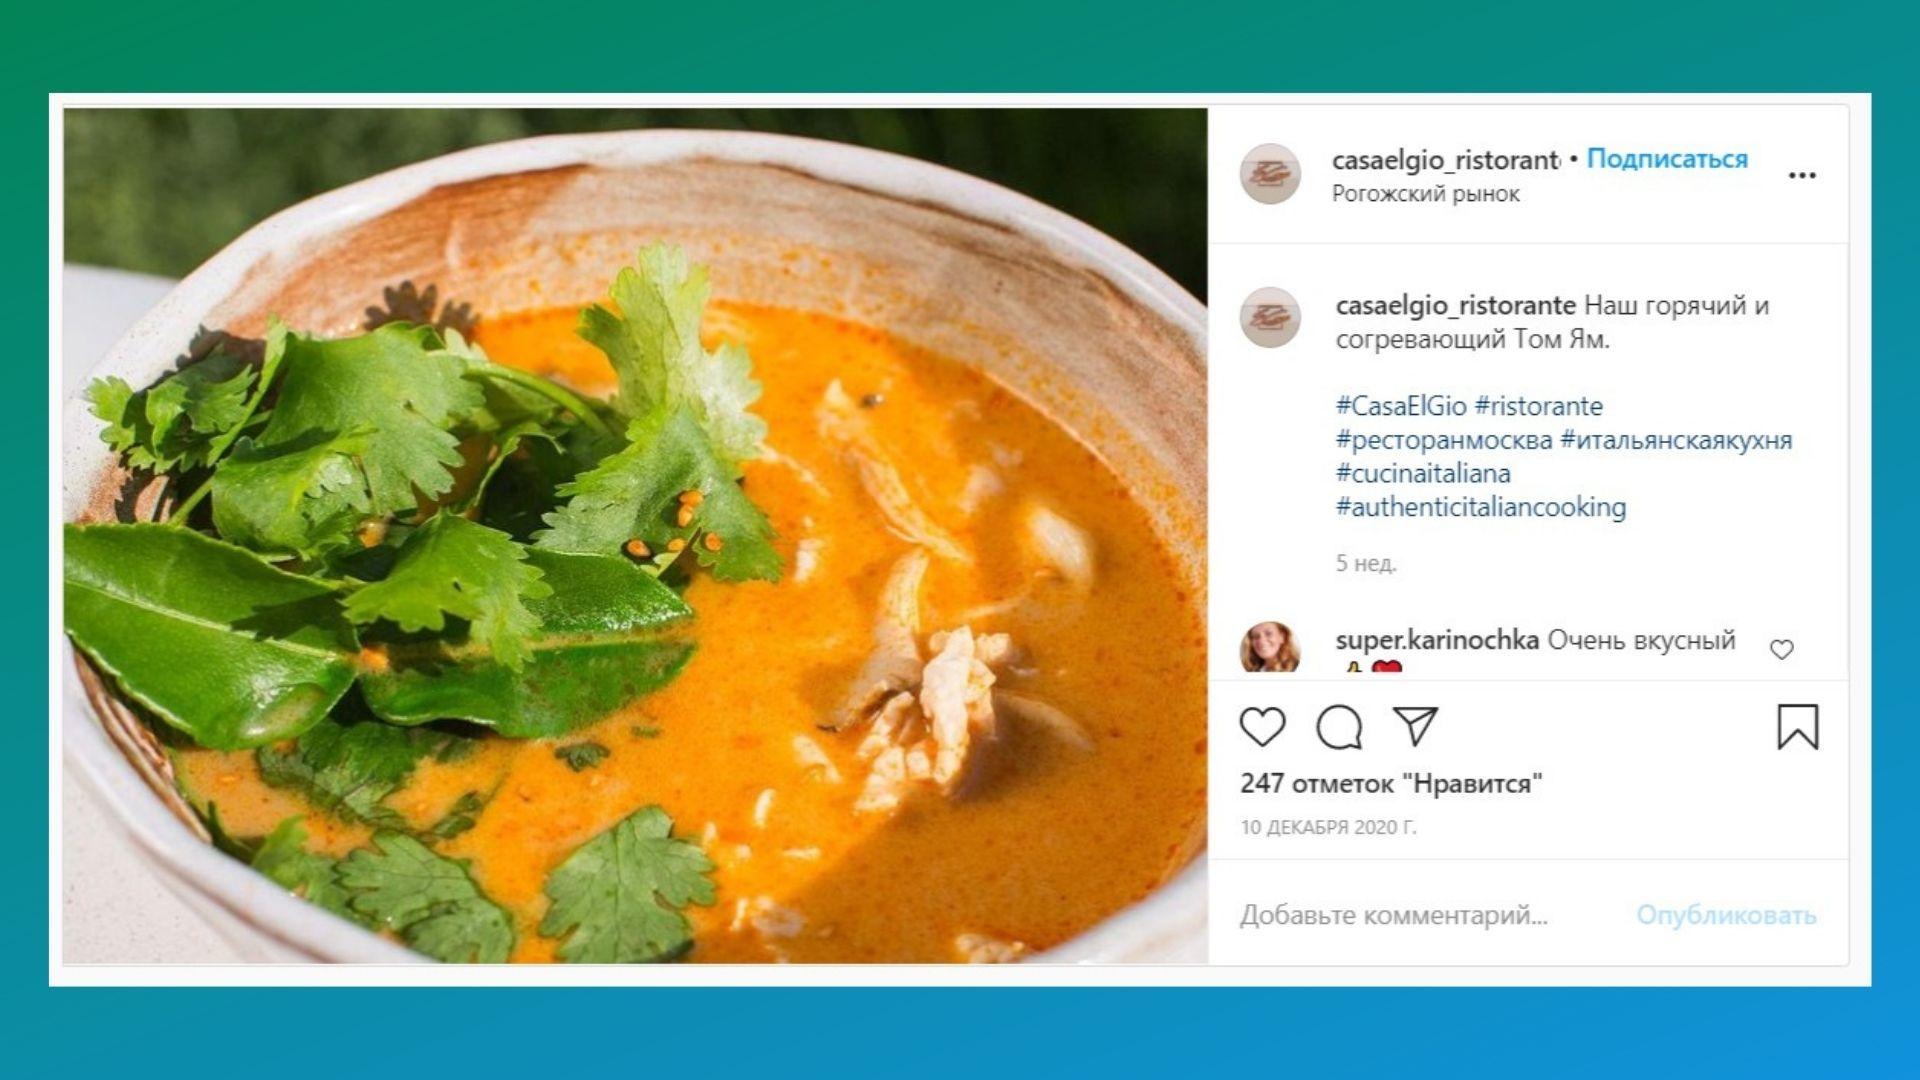 Пост с Том Ямом из меню ресторана Сasaelgio